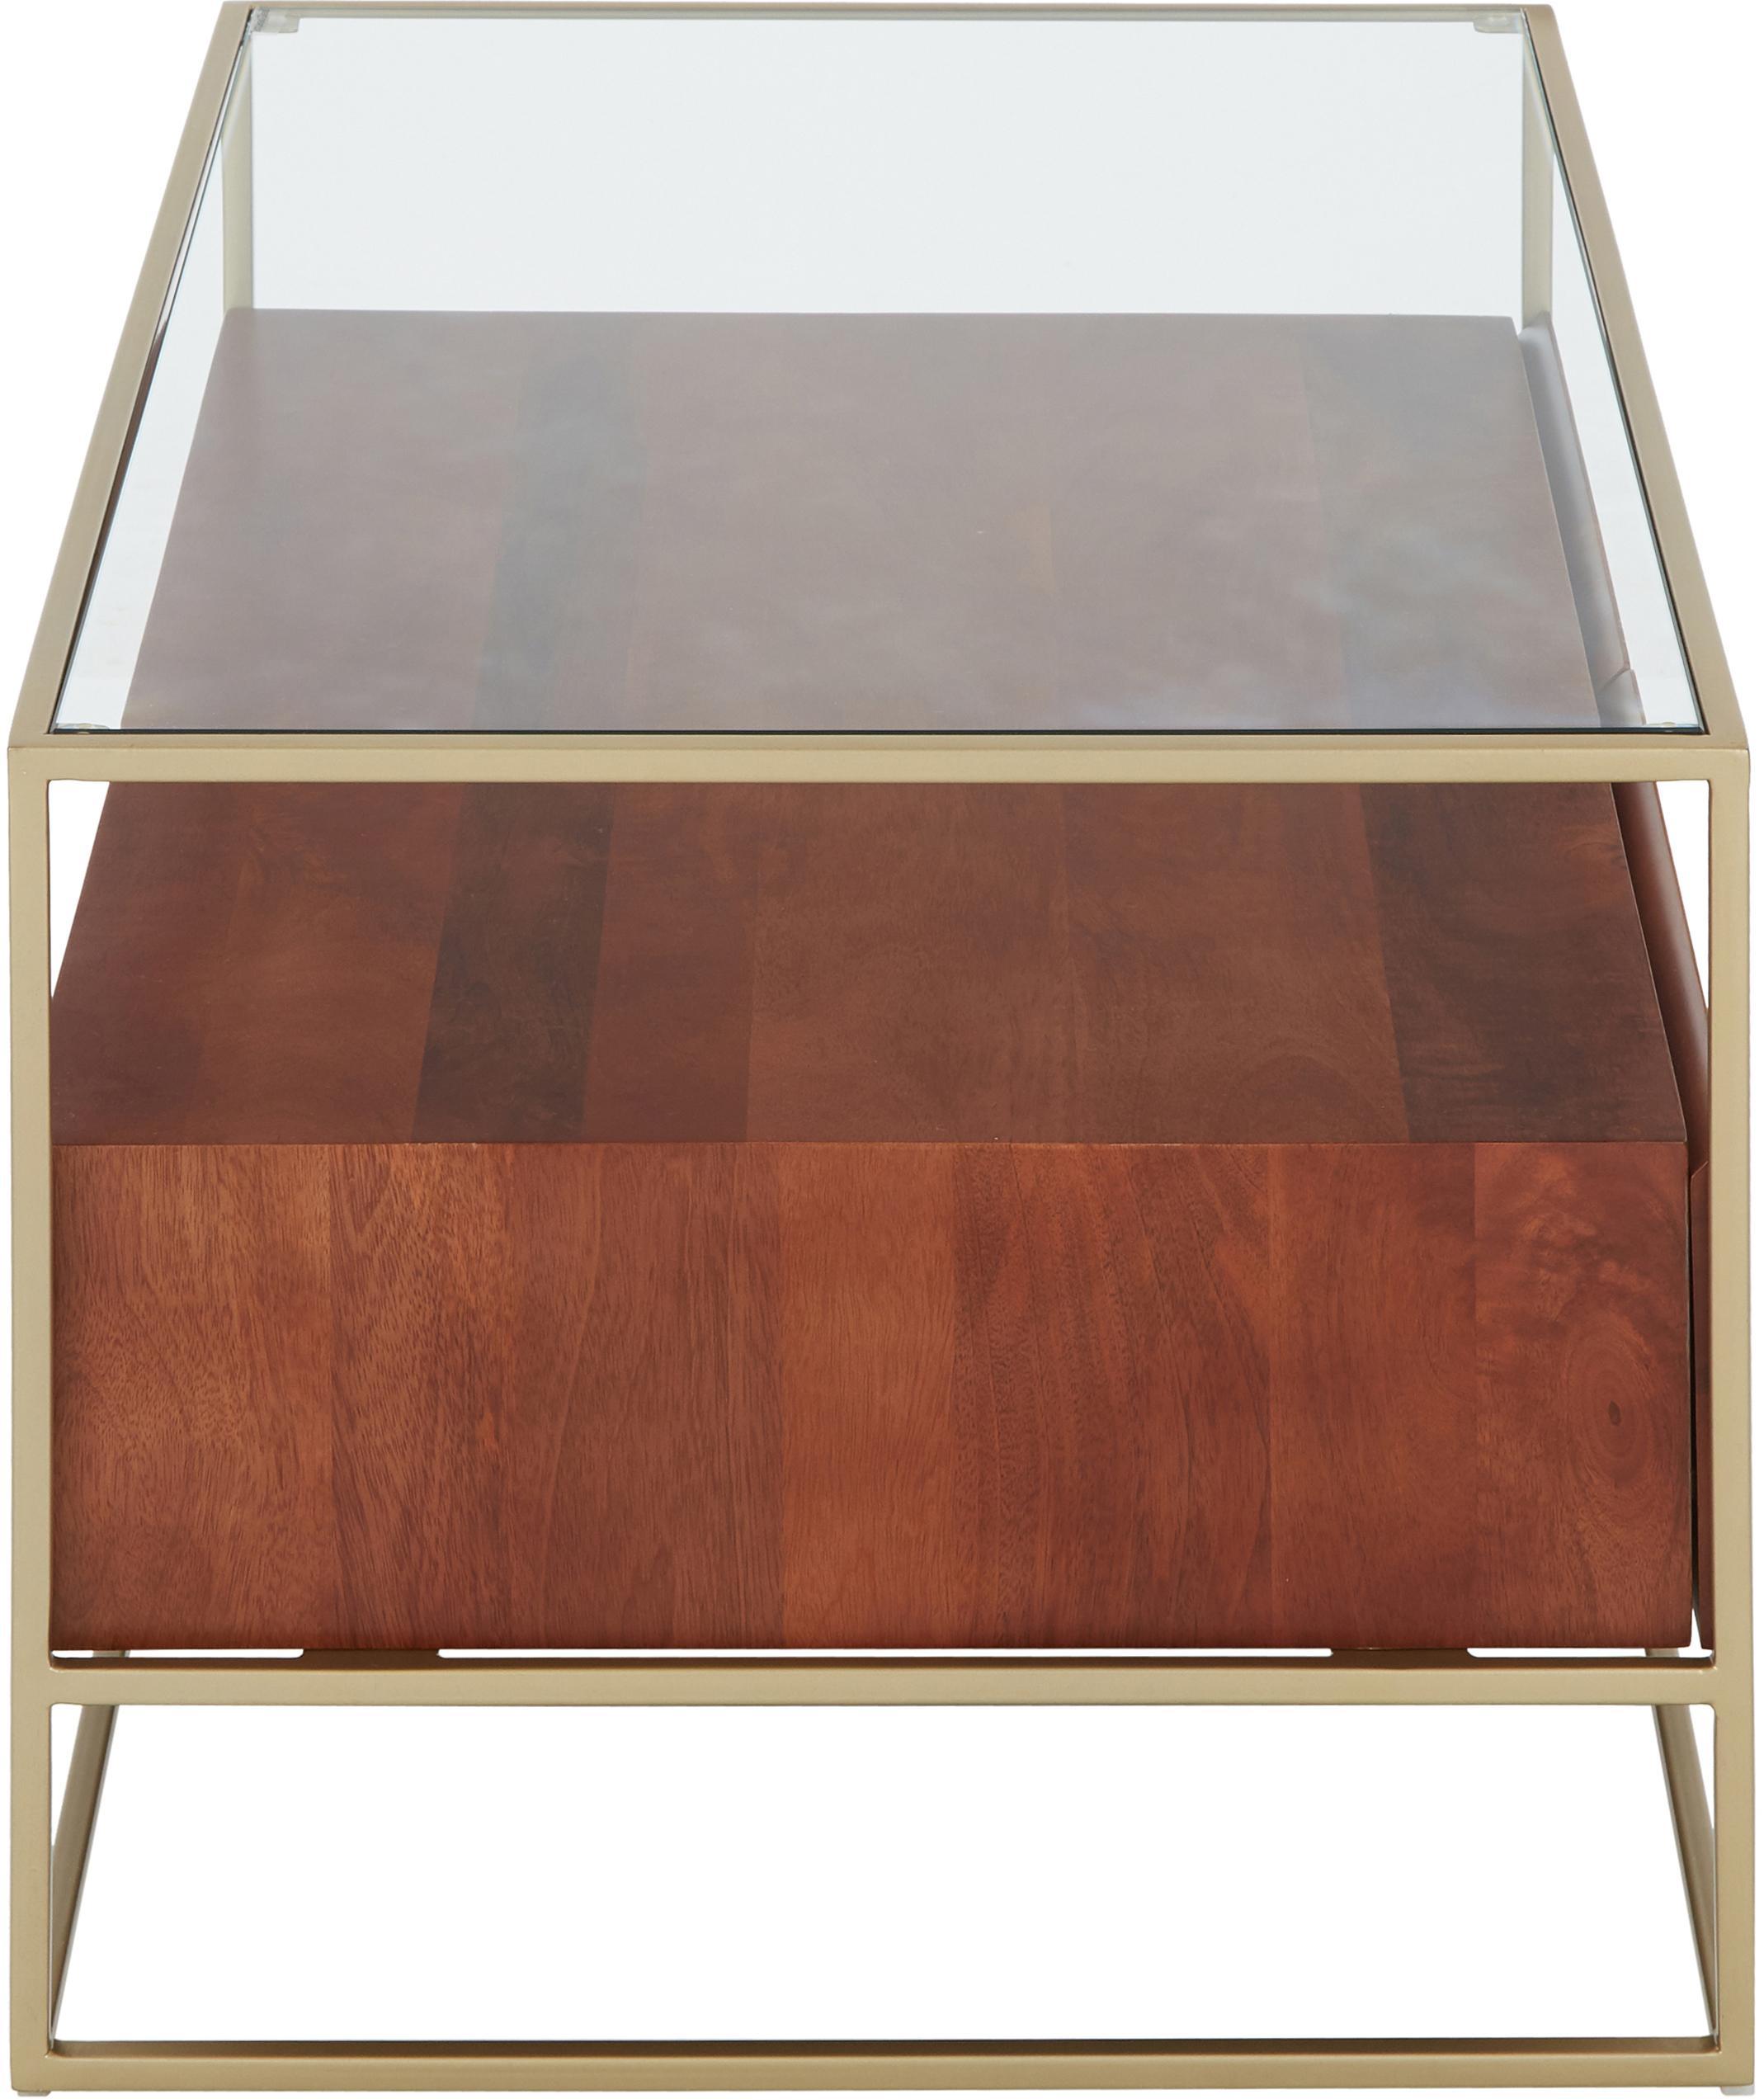 Mesa de centro con cajones Theodor, Tablero: vidrio, Estructura: metal con pintura en polv, Transparente, madera de mango, dorado, An 100 x Al 45 cm